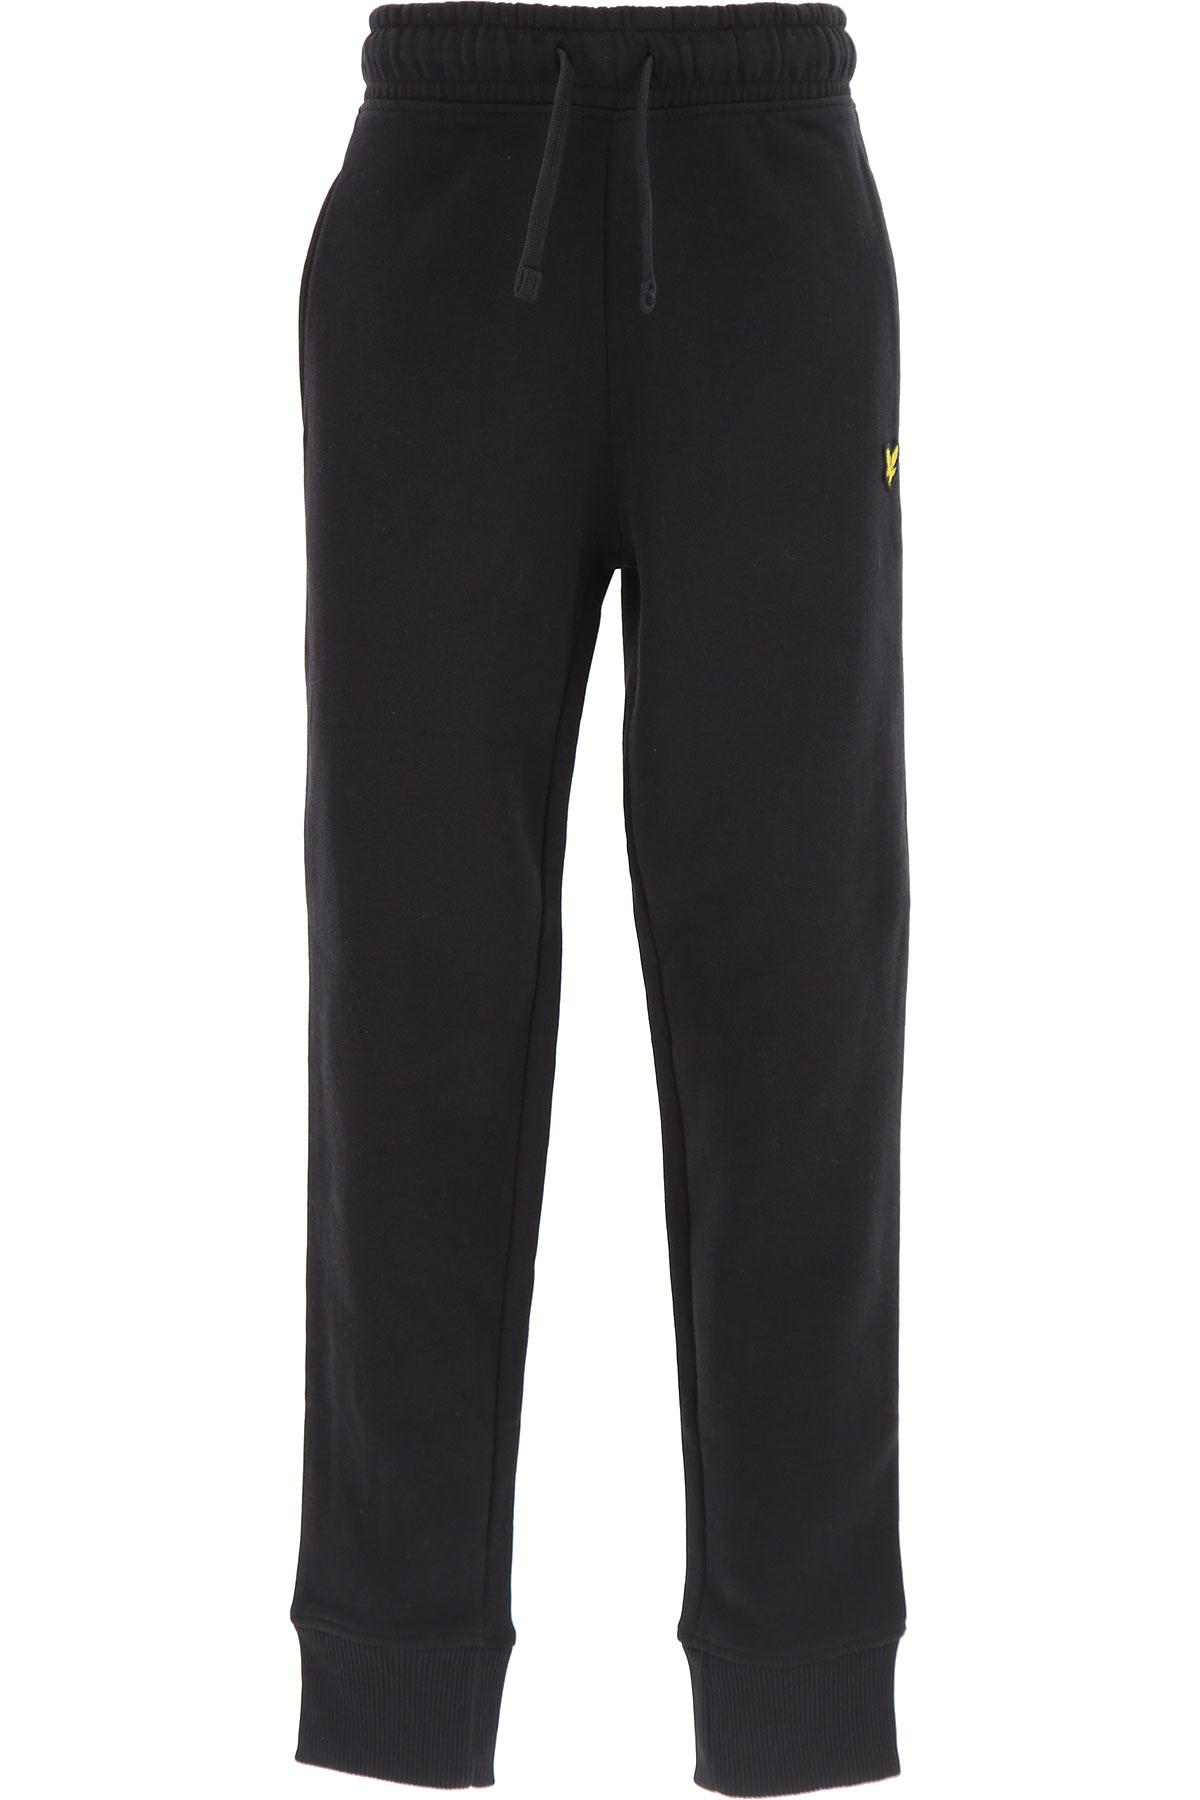 Image of Lyle & Scott Kids Sweatpants for Boys, Black, Cotton, 2017, 10Y 14Y